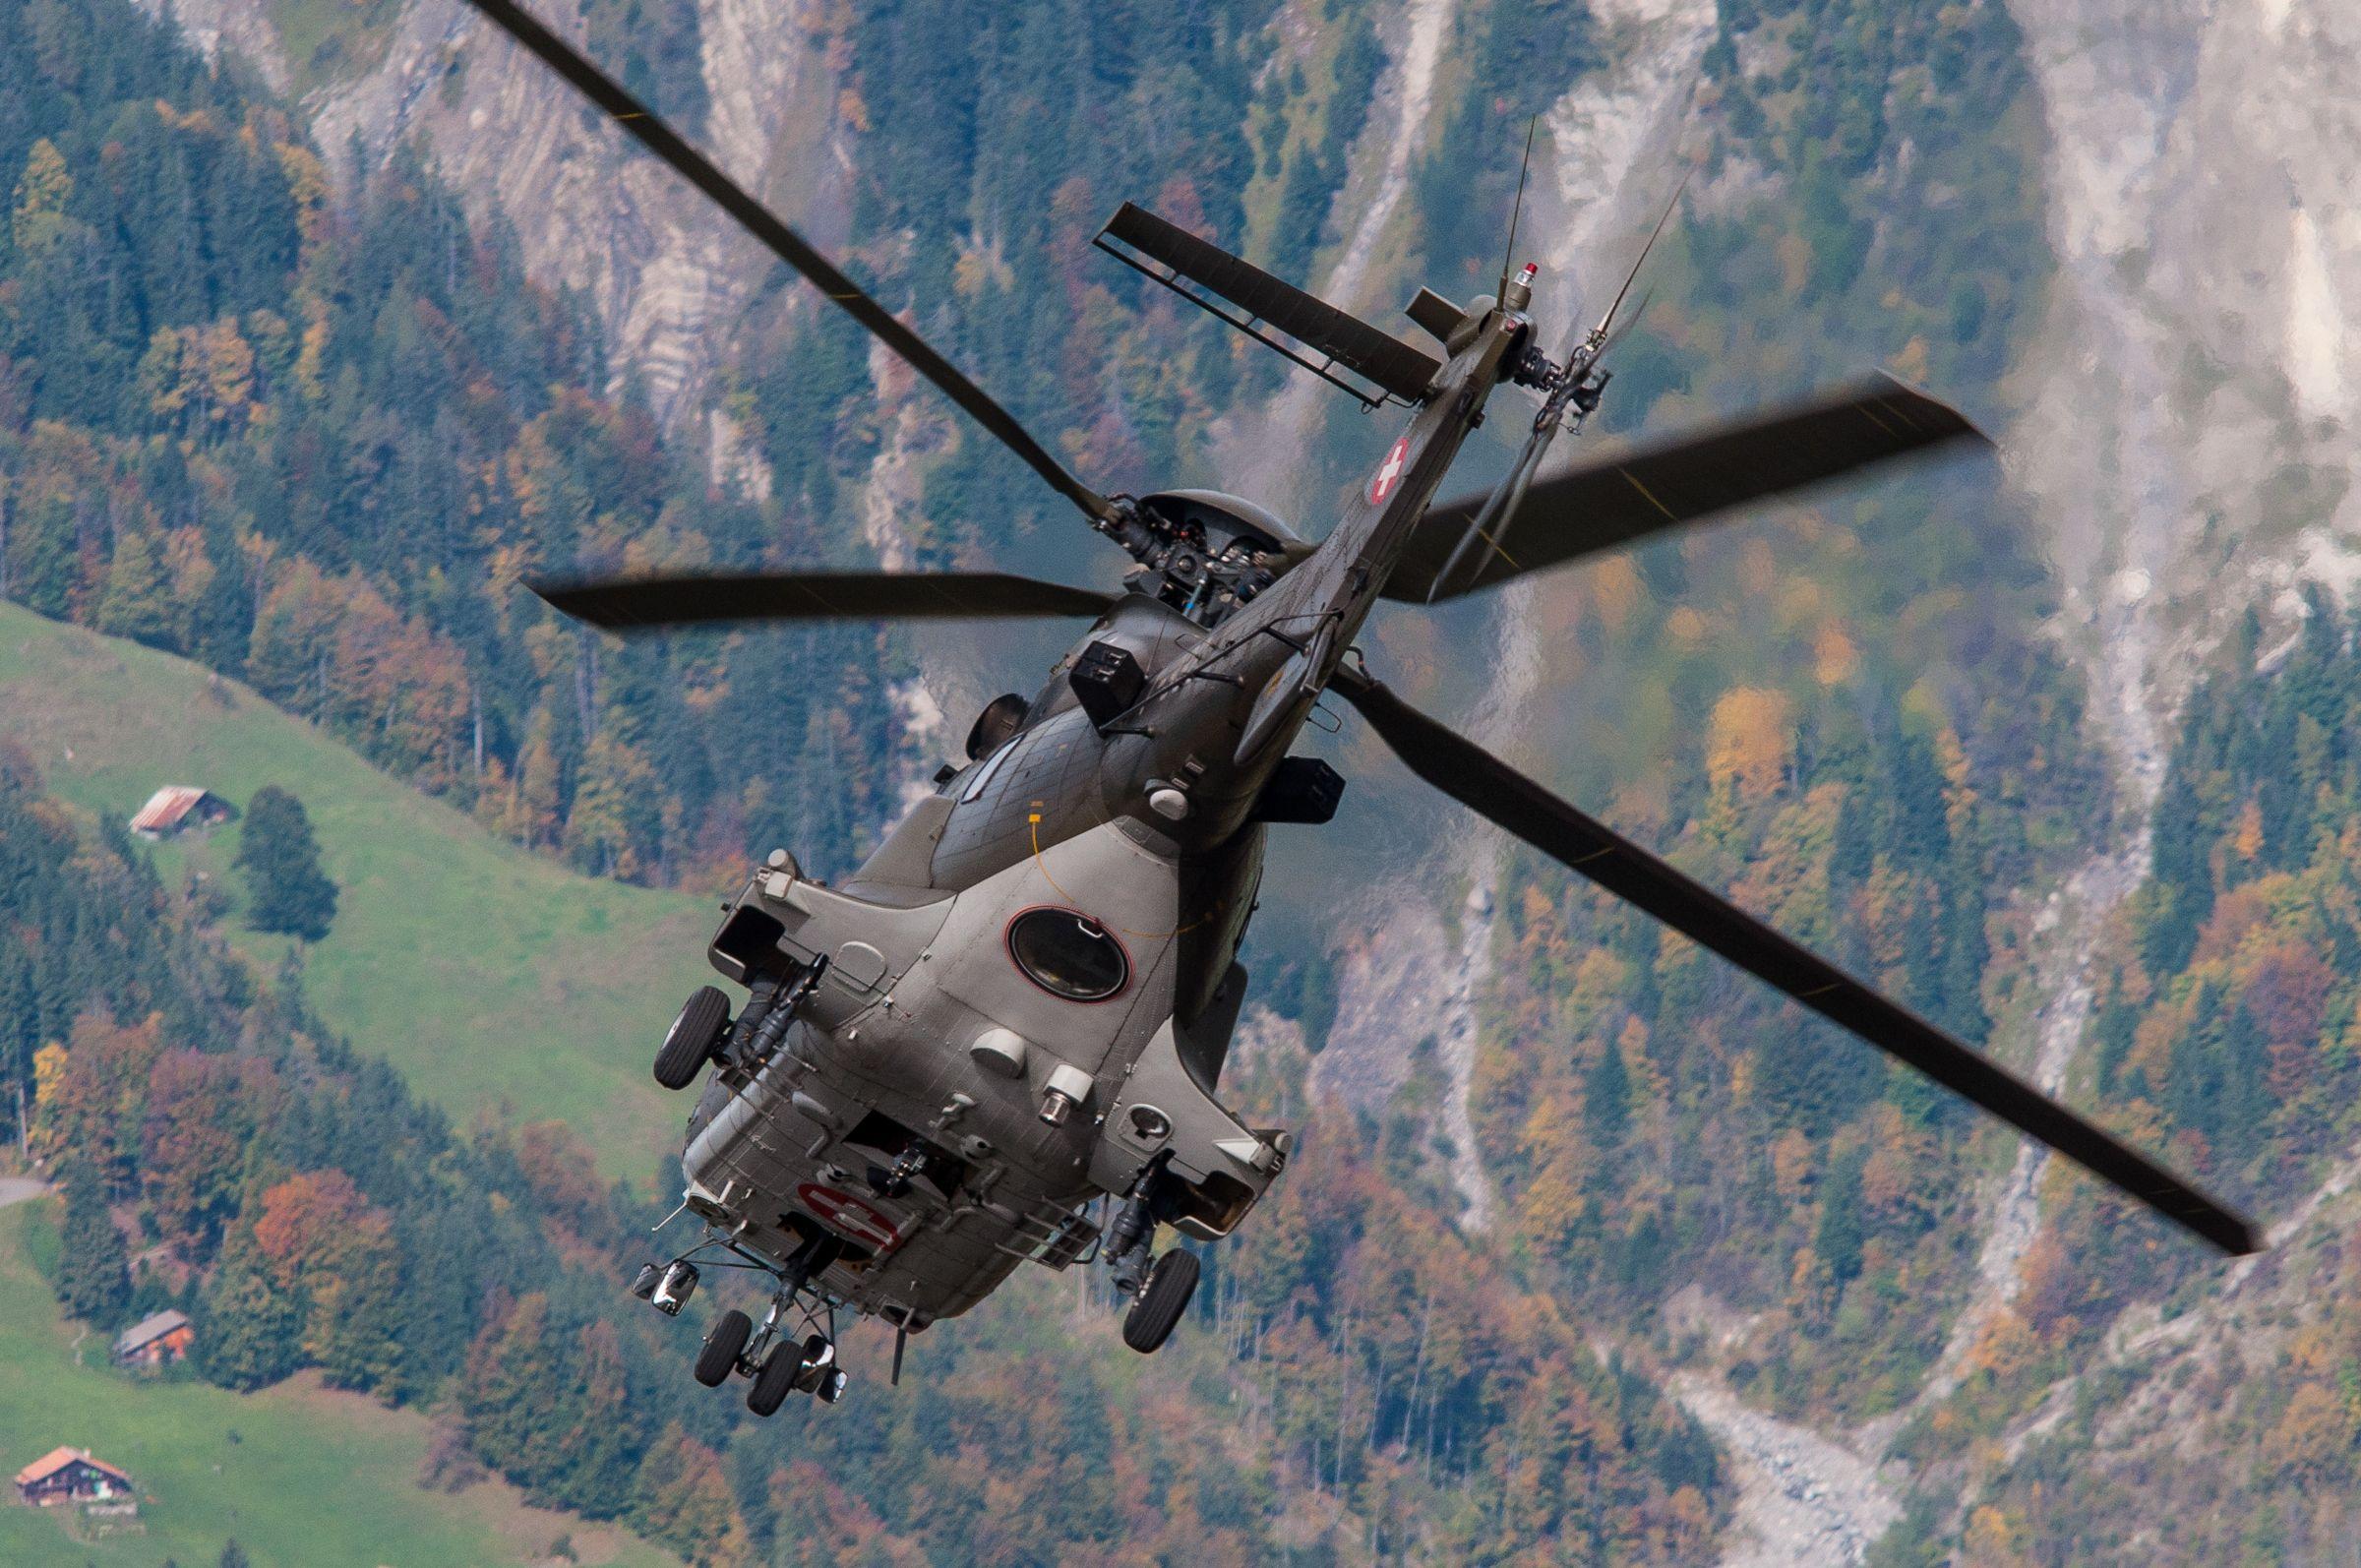 Air force live fire event Axalp 2012 - 10-11 Oct 2012 - Pagina 2 000183p